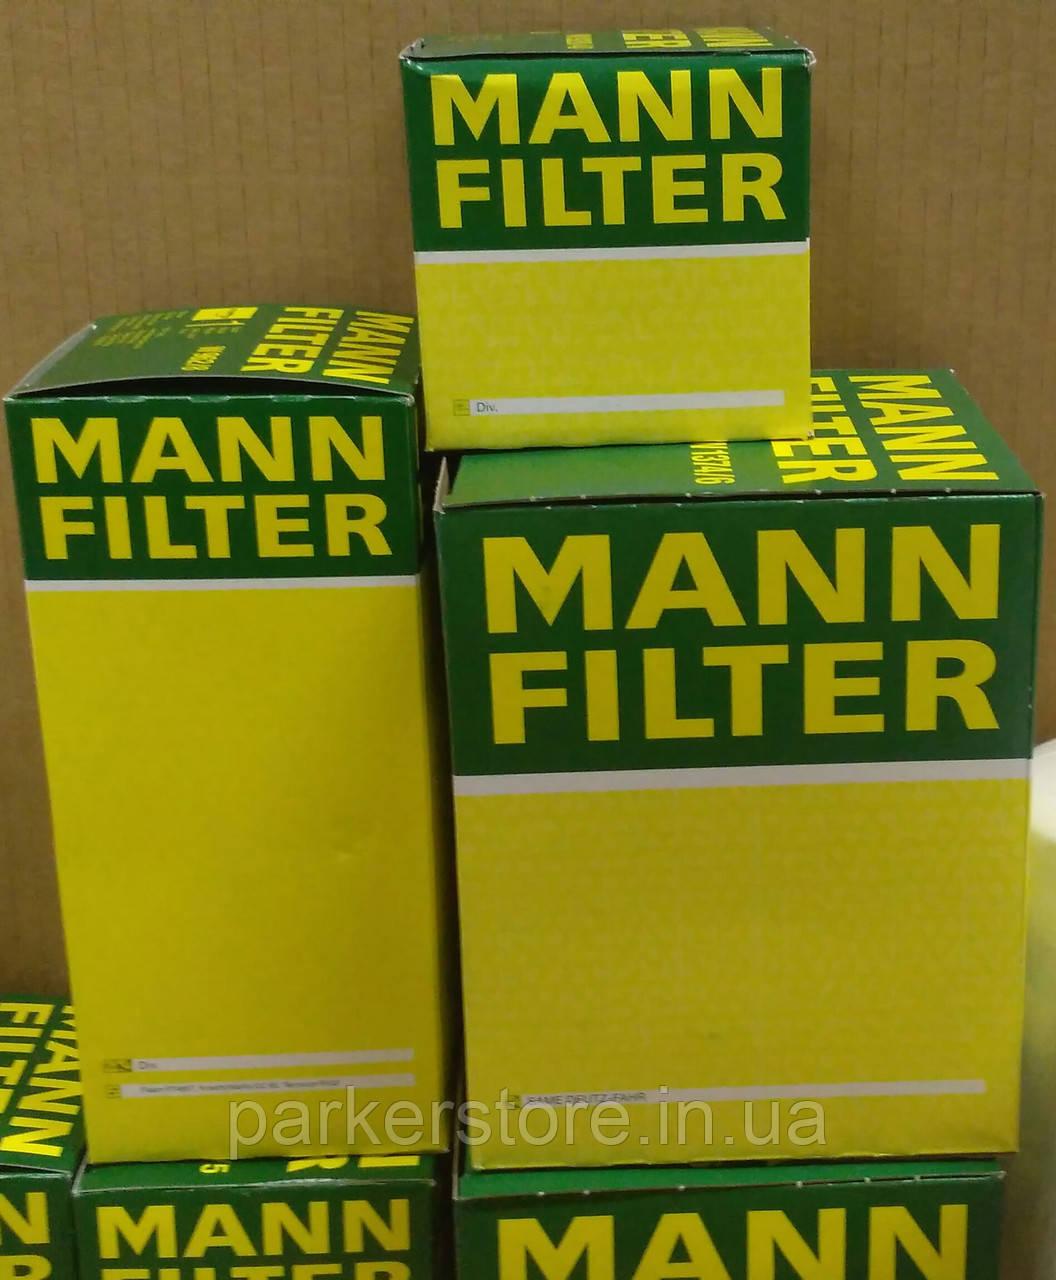 MANN FILTER / Воздушный фильтр / C 32 293 / C32293